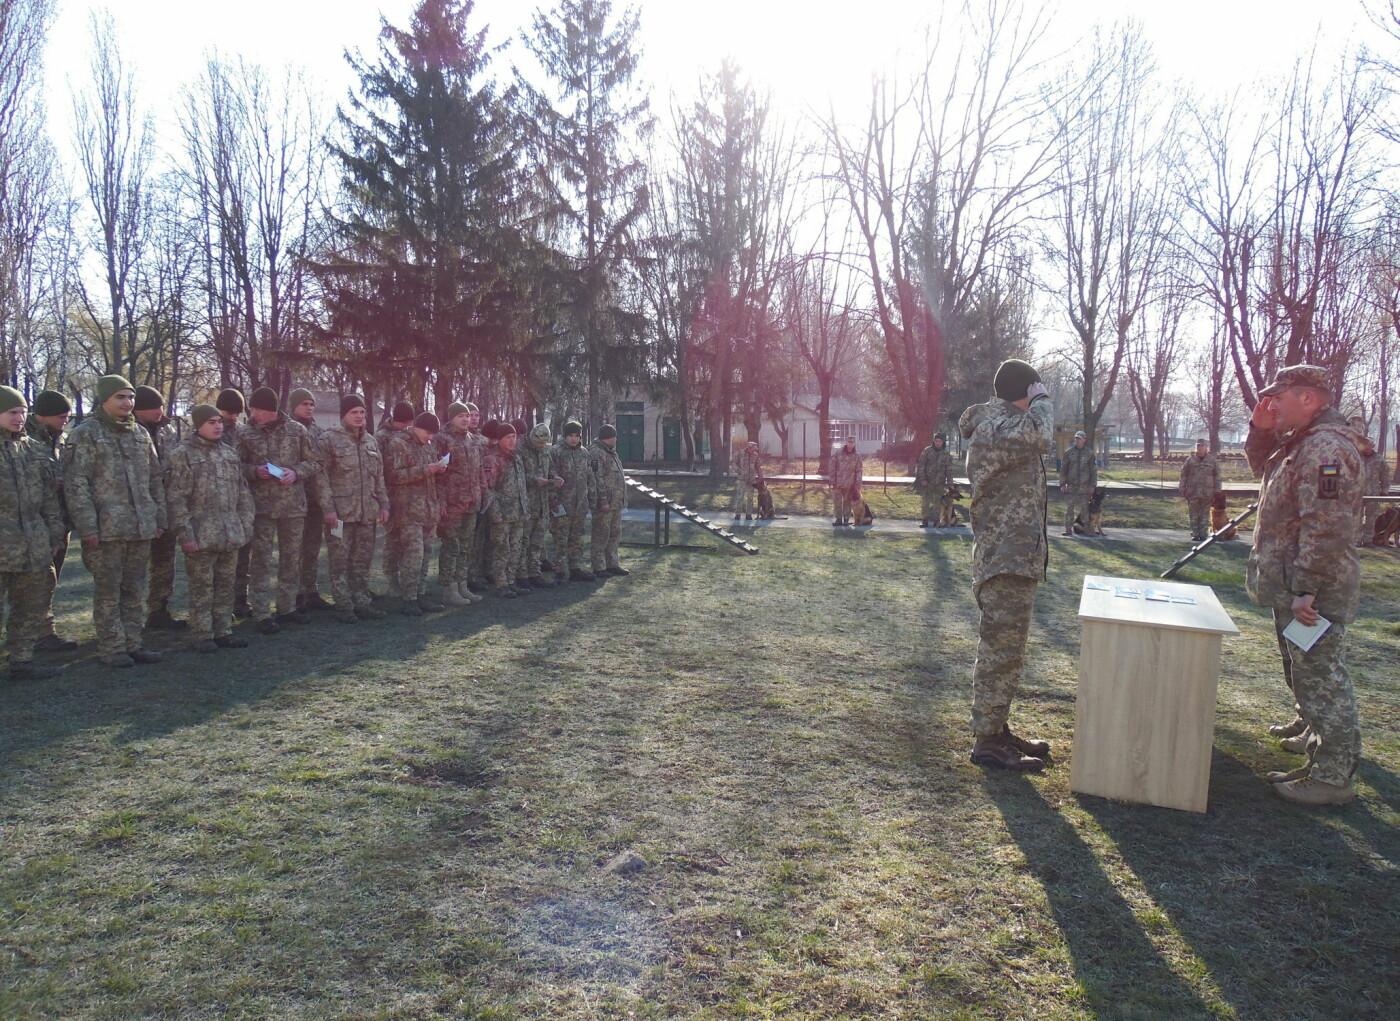 Ще 24 фахівців-кінологів поповнили сьогодні частини і підрозділи Збройні Сили України, фото-6, Фото: Центр розмінування